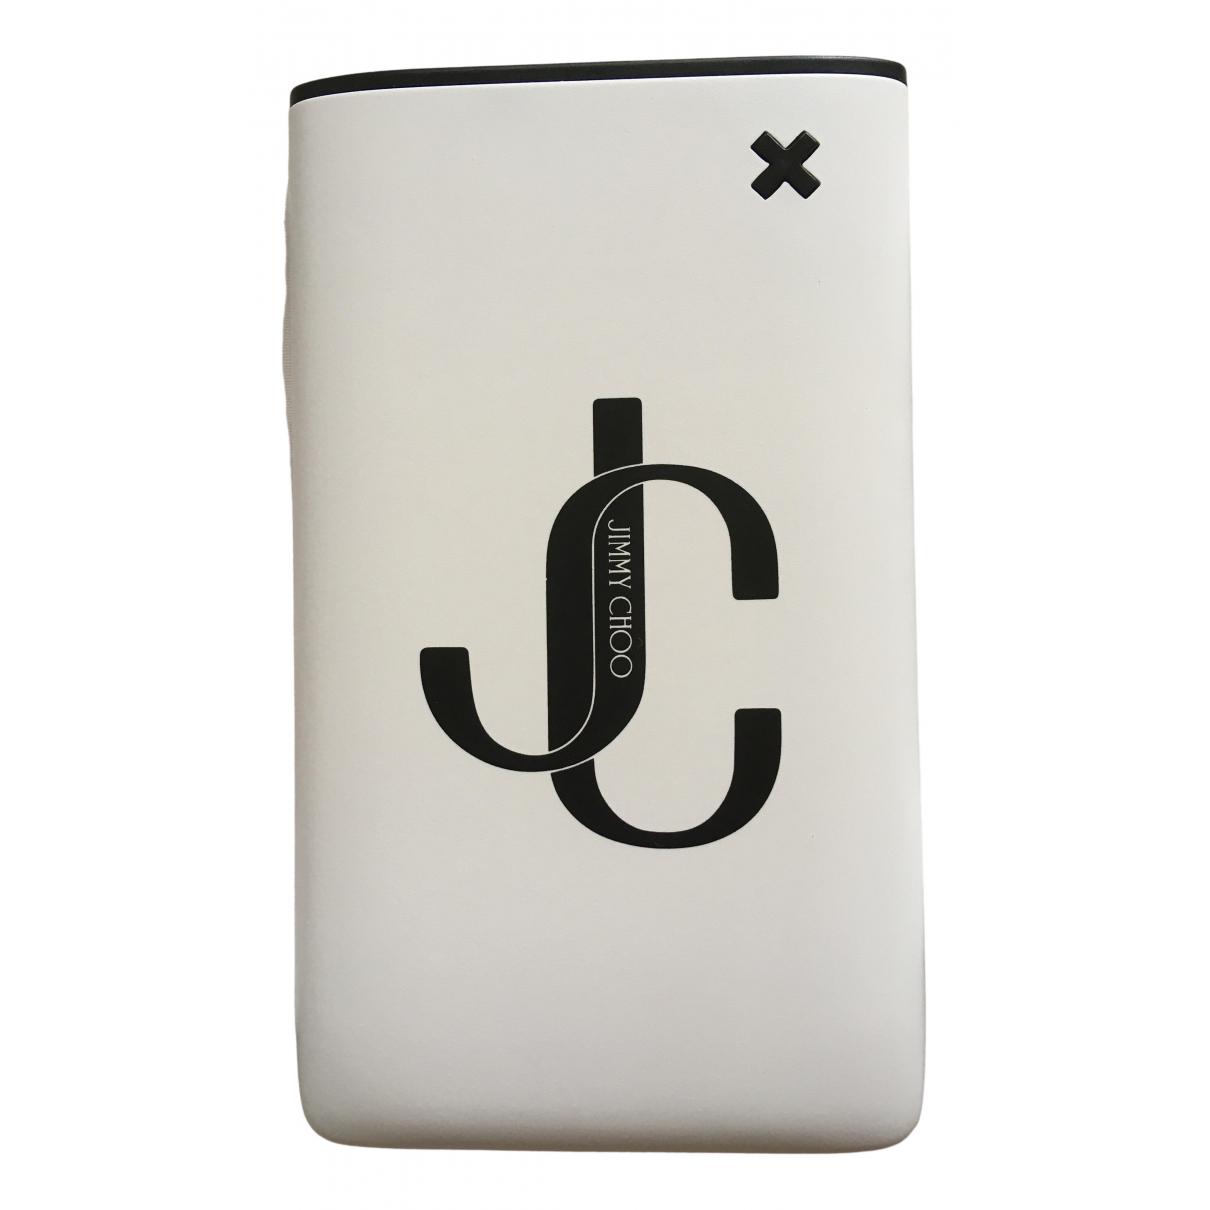 Jimmy Choo - Accessoires   pour lifestyle - blanc